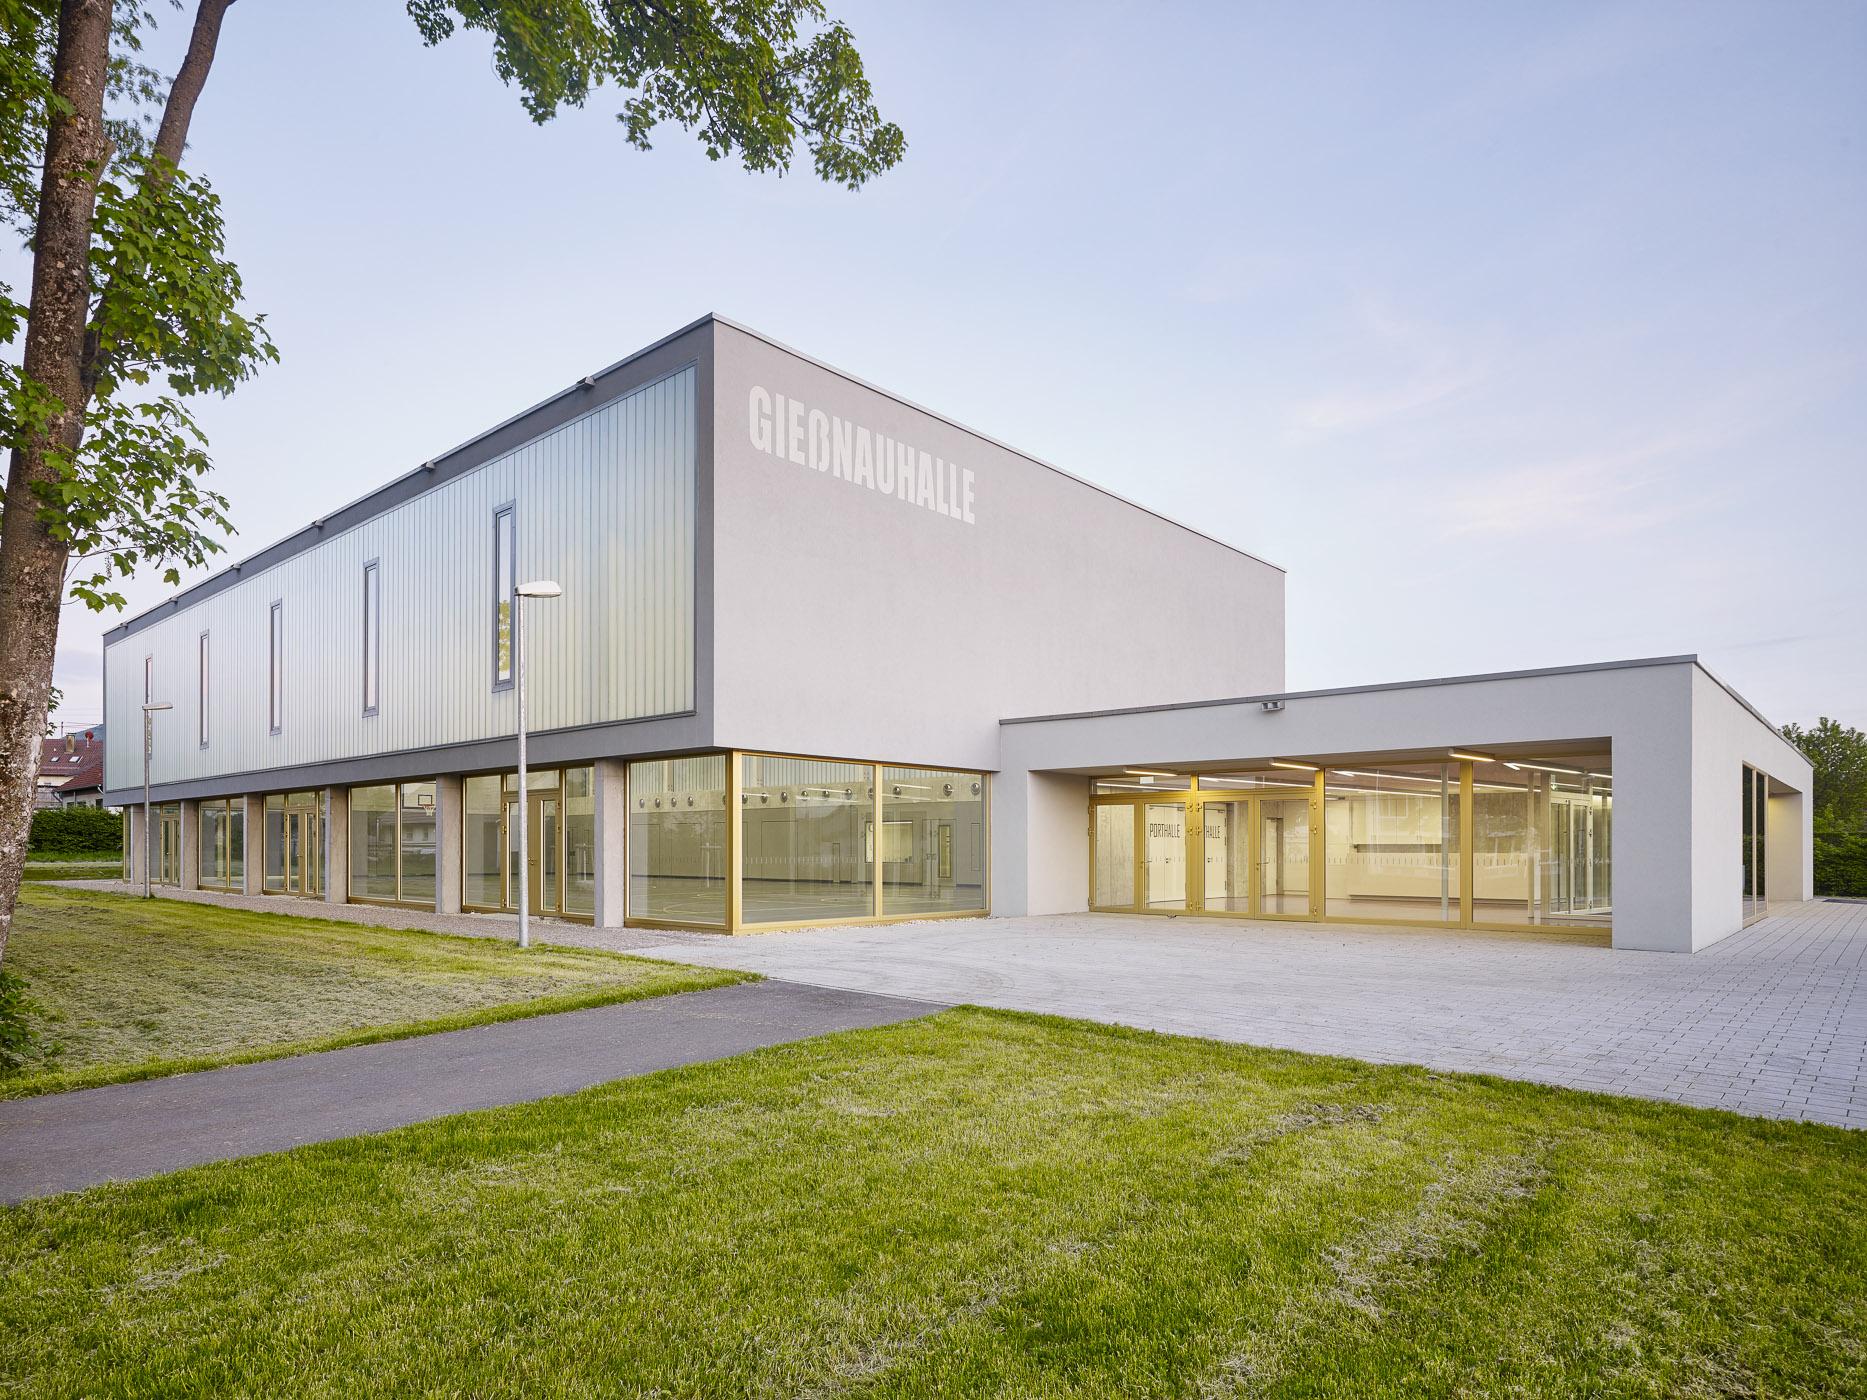 020-Sporthalle-Nabern_aussen_007.jpg